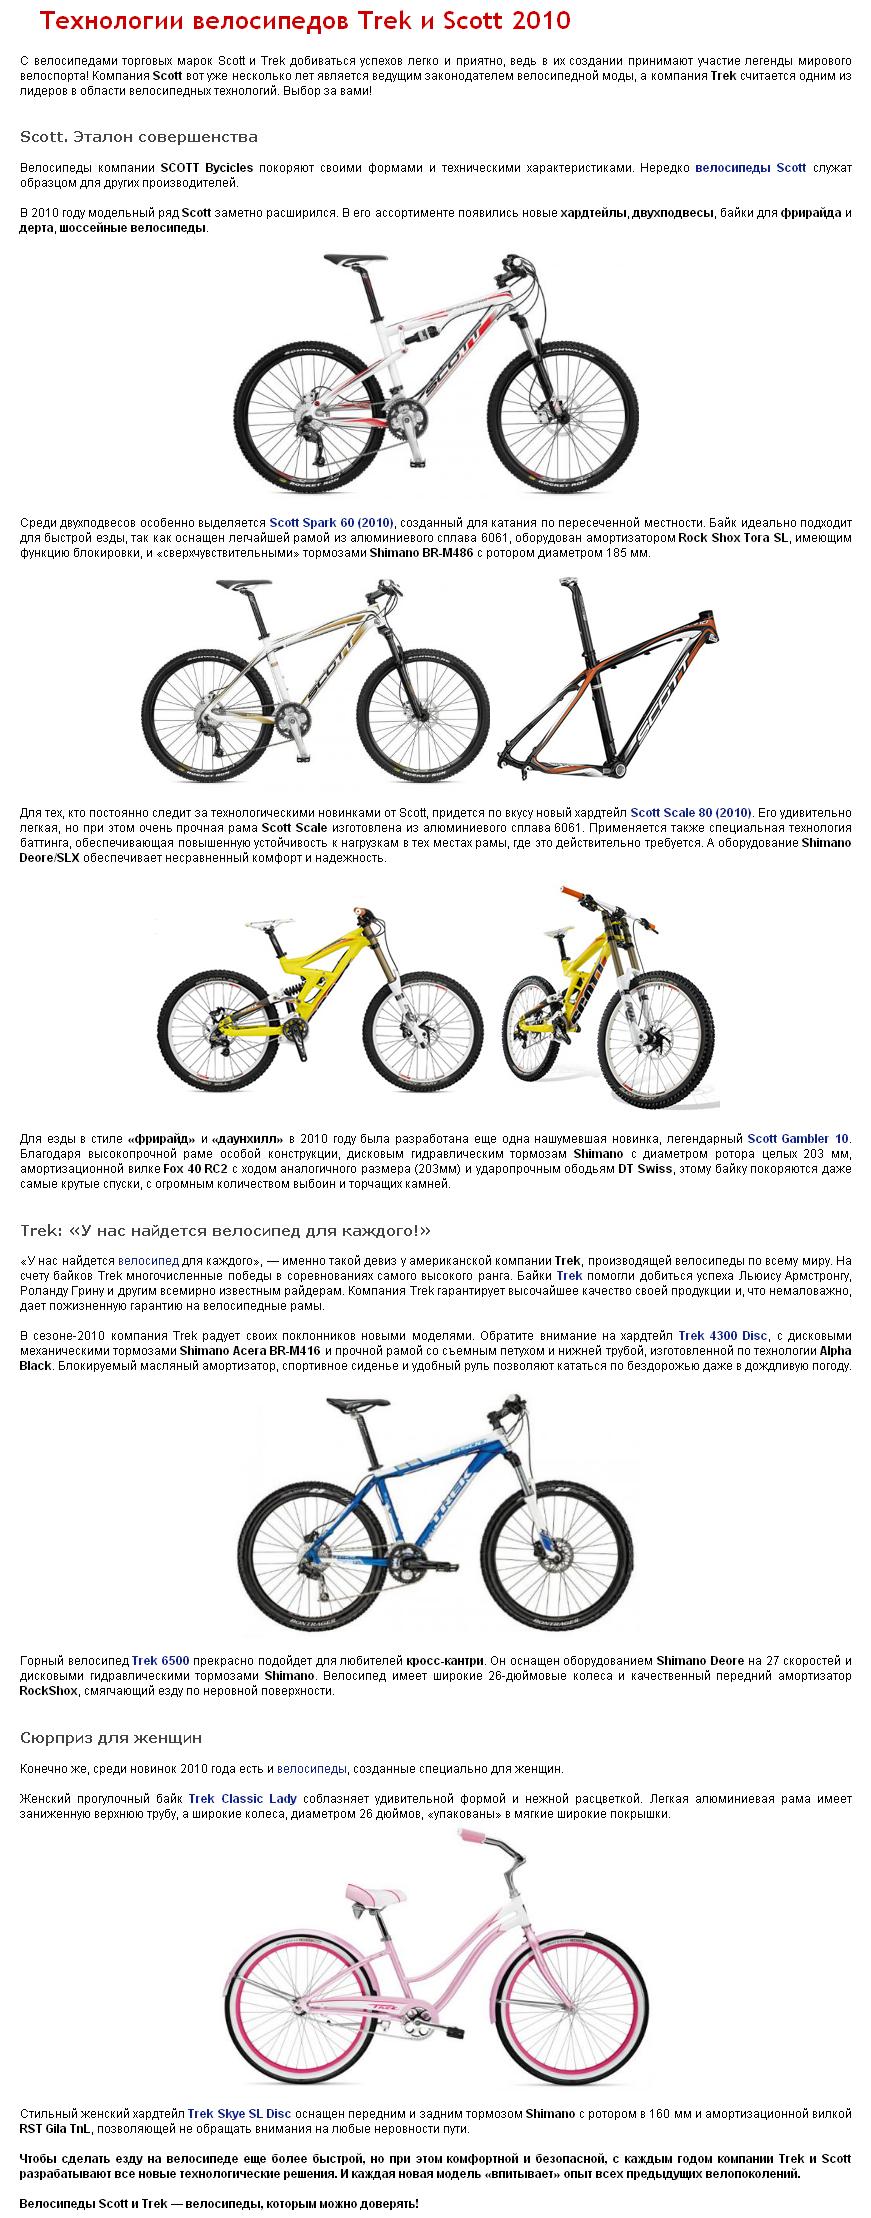 Технологии велосипедов Trek и Scott 2010